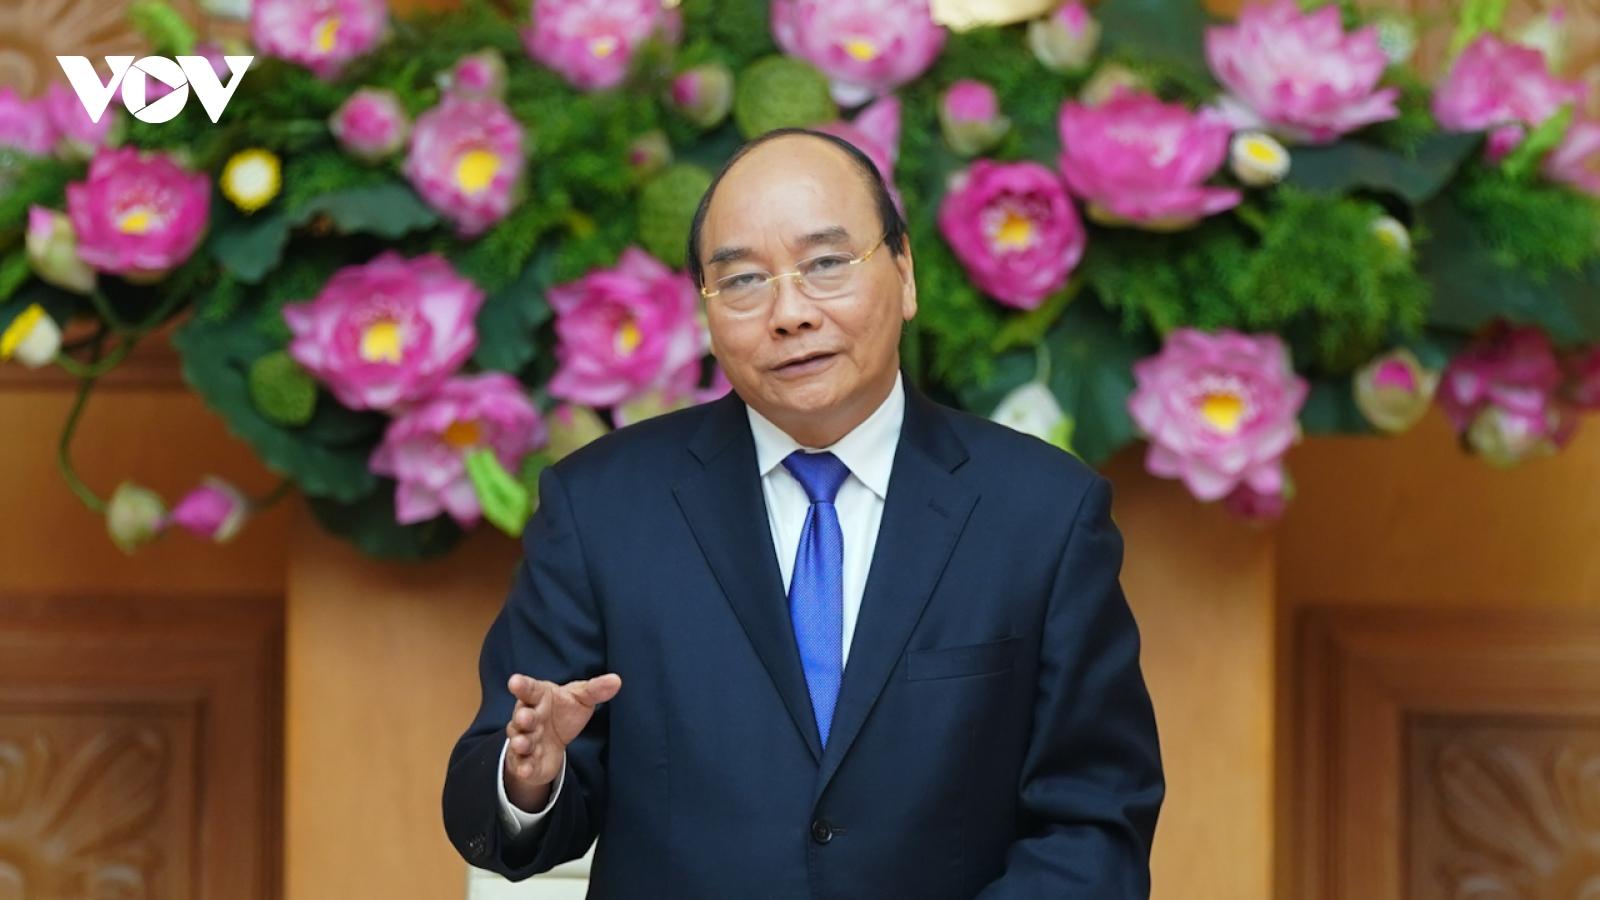 Thủ tướng Nguyễn Xuân Phúc tiếp đoàn các doanh nghiệp có sản phẩm đạt thương hiệu quốc gia